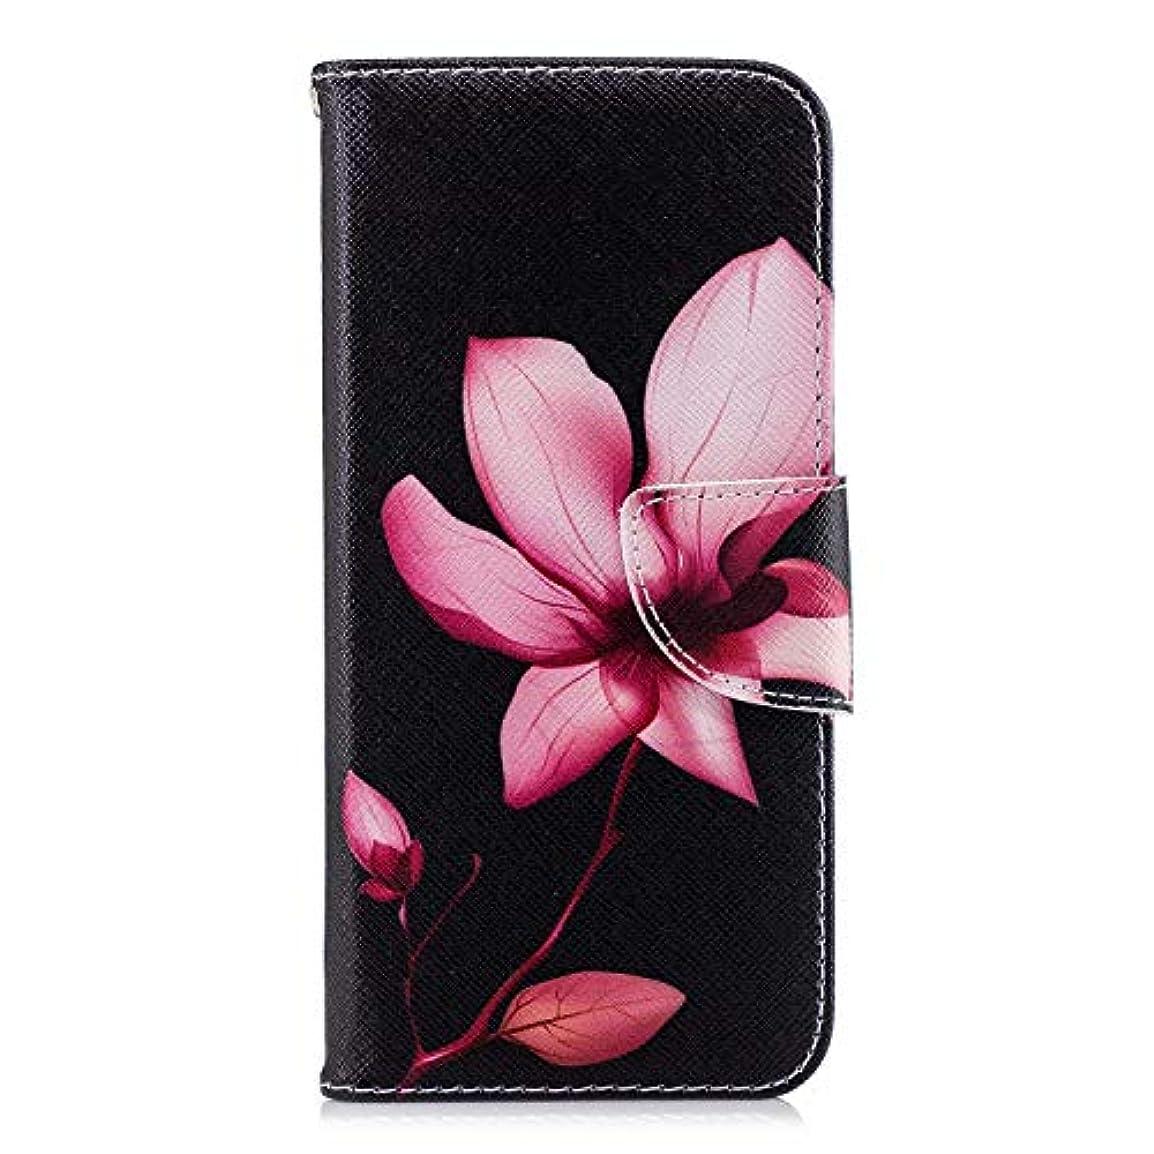 大騒ぎ不潔OMATENTI Huawei Honor 10 ケース, ファッション人気 PUレザー 手帳 軽量 電話ケース 耐衝撃性 落下防止 薄型 スマホケースザー 付きスタンド機能, マグネット開閉式 そしてカード収納 Huawei Honor 10 用 Case Cover, 花